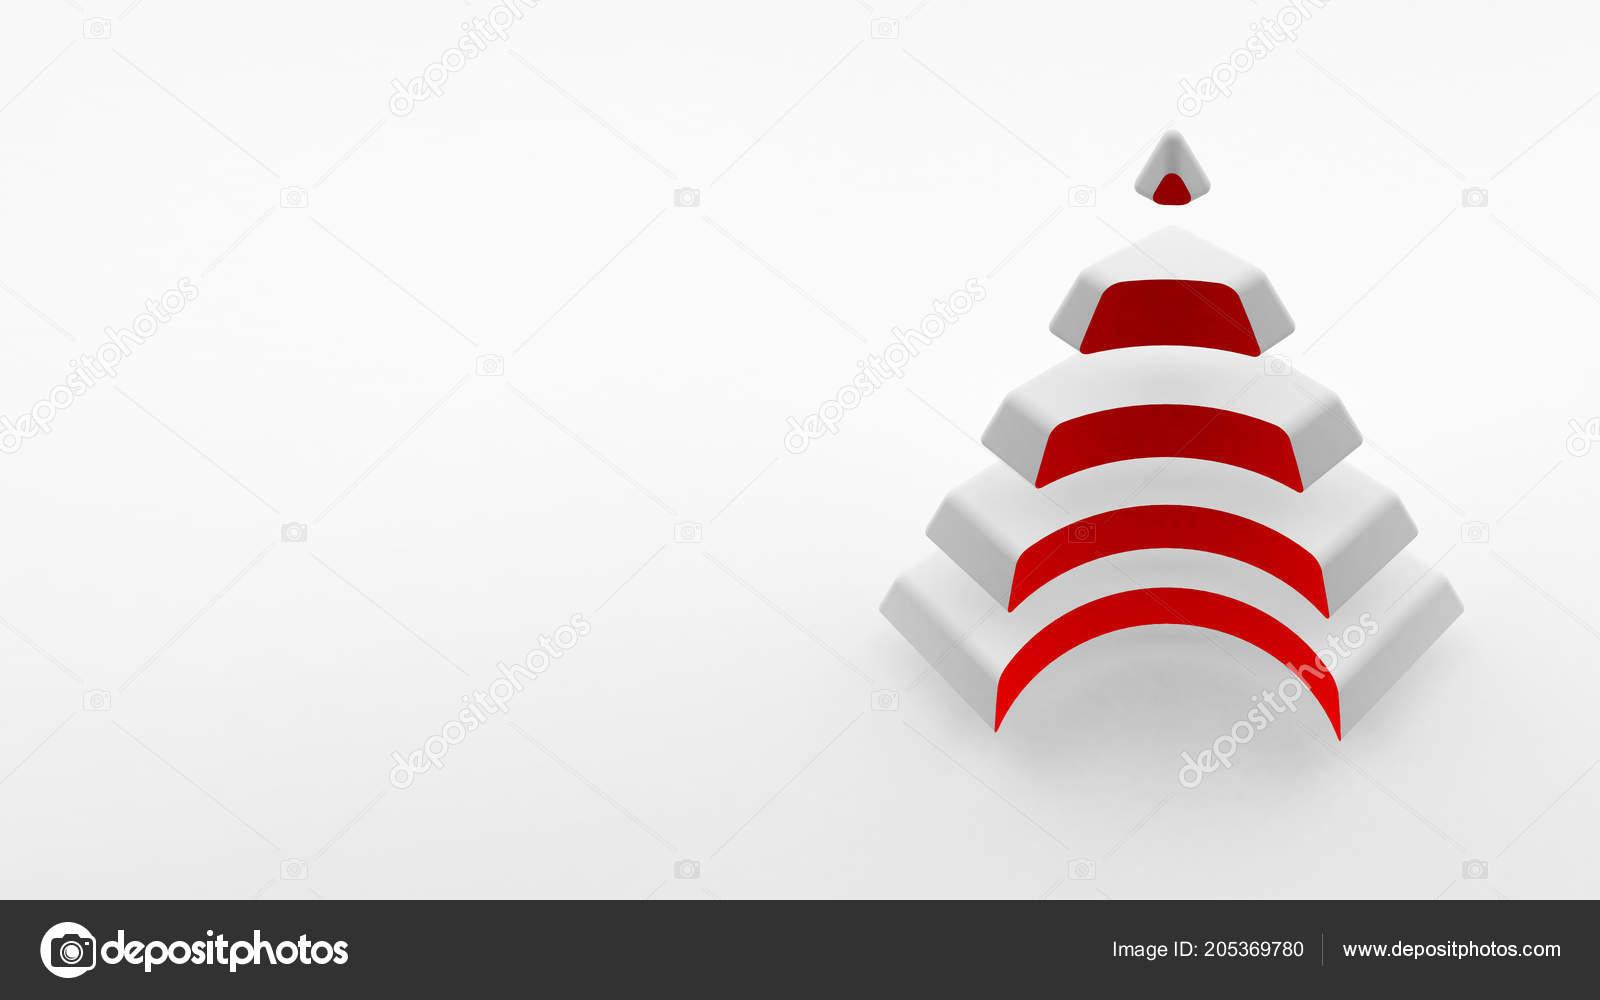 Logo Sfondo Bianco Una Piramide Bianca Con Collo Colore Rosso Foto